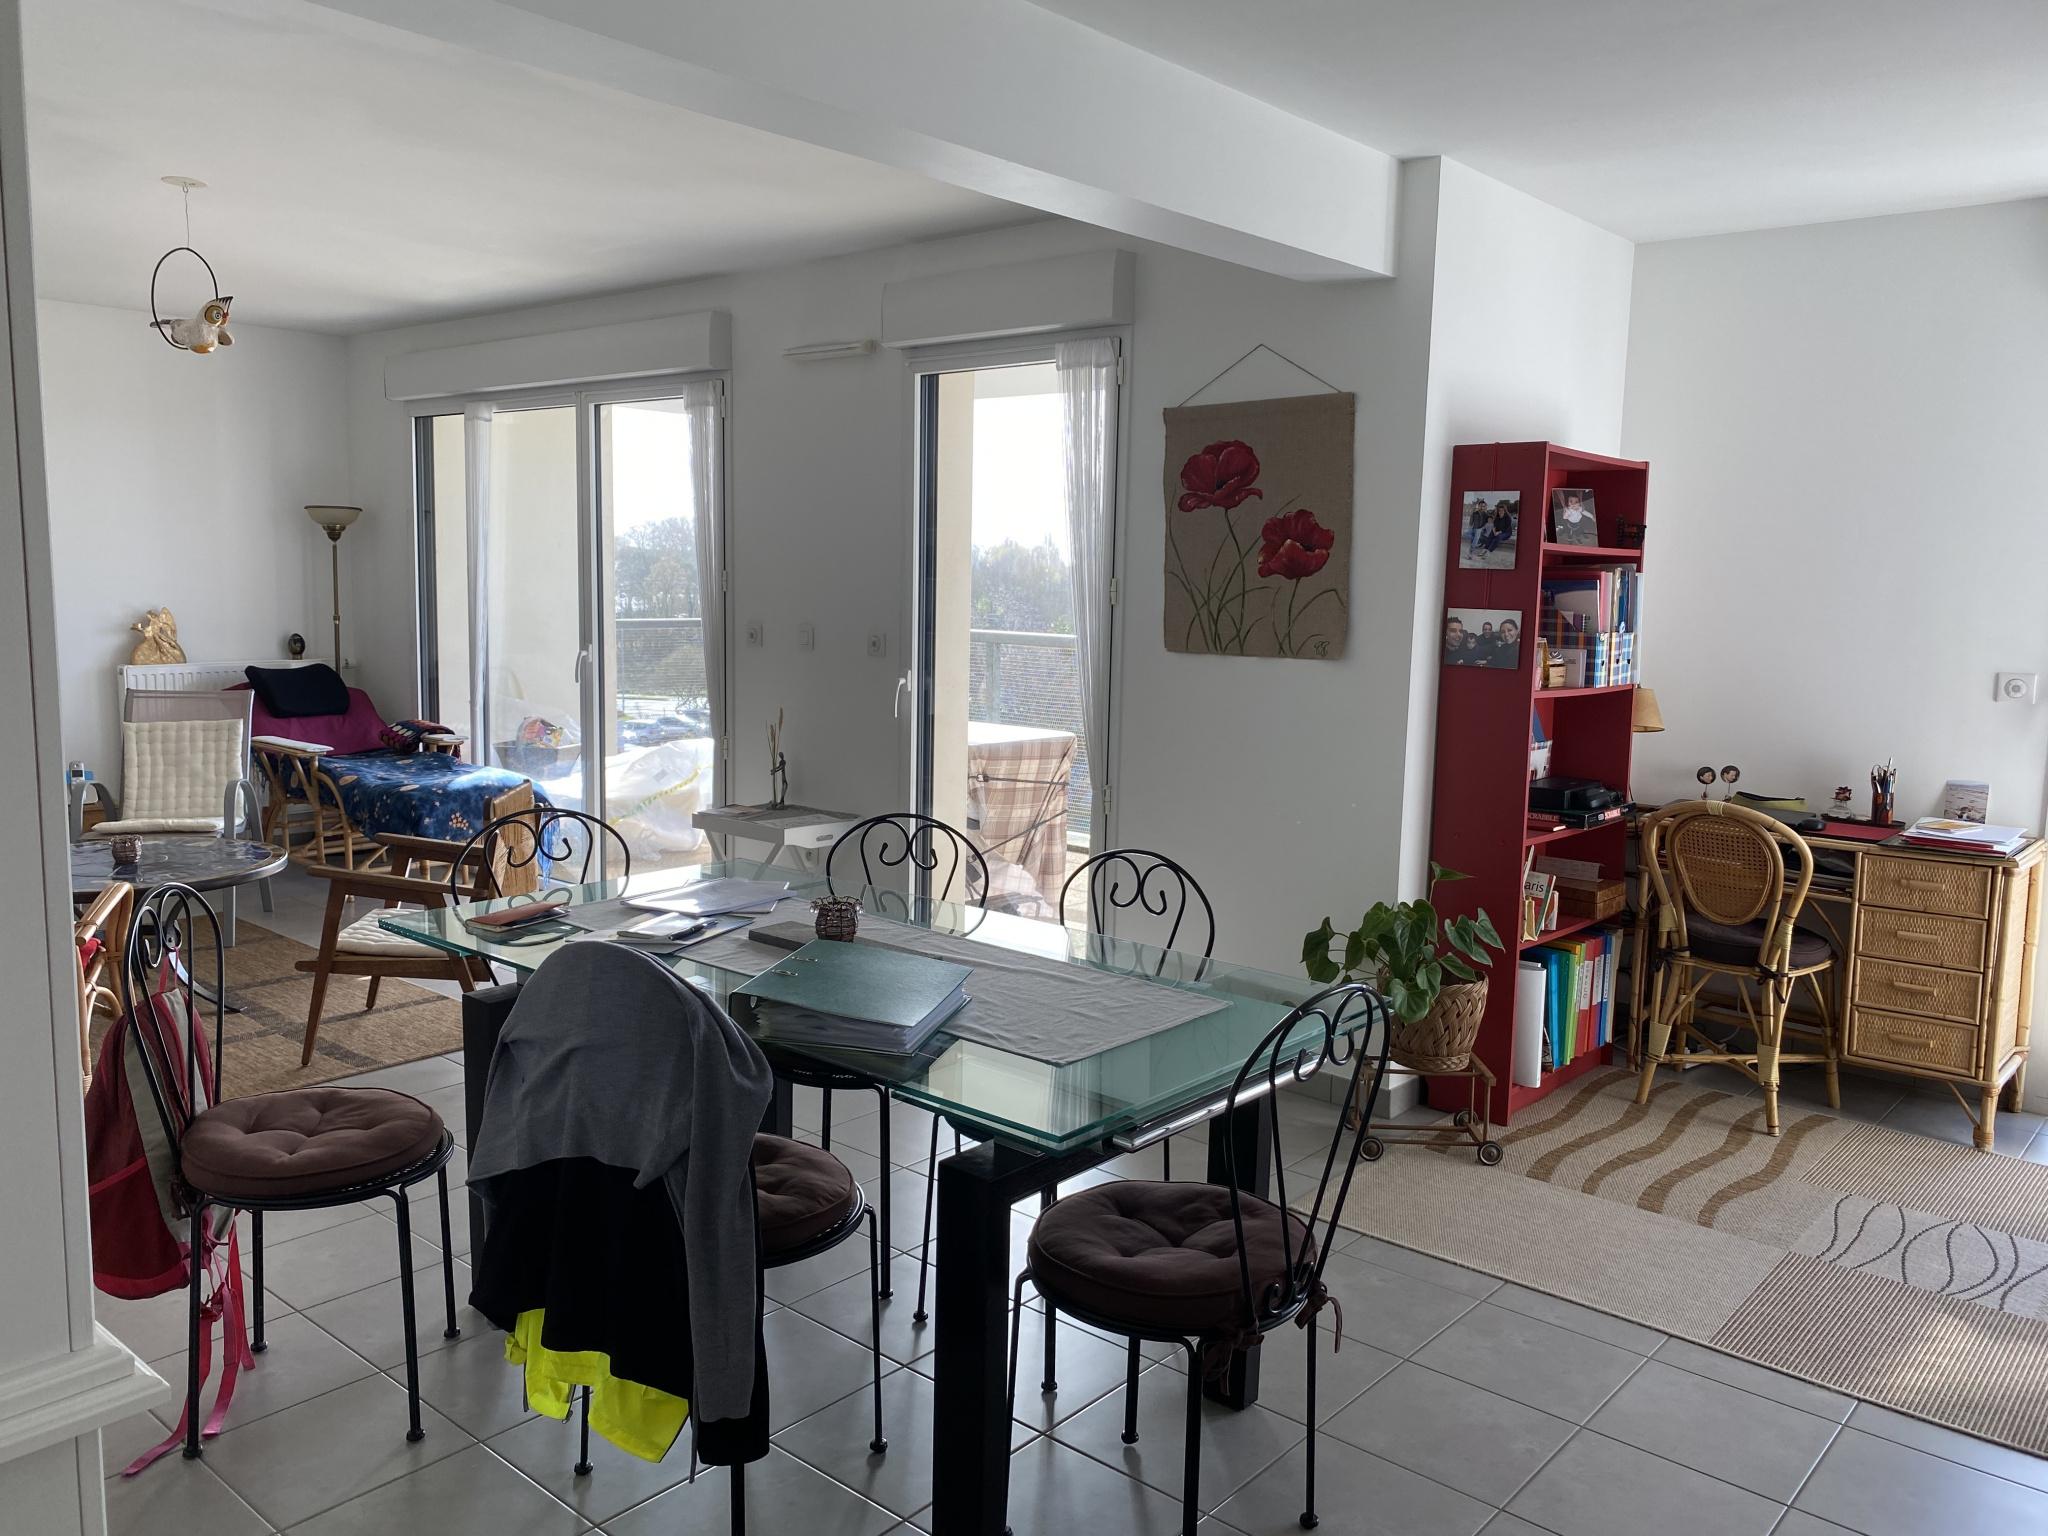 appartement la rochelle La Rochelle : appartement à acheter avec DEMOUGIN Transactio